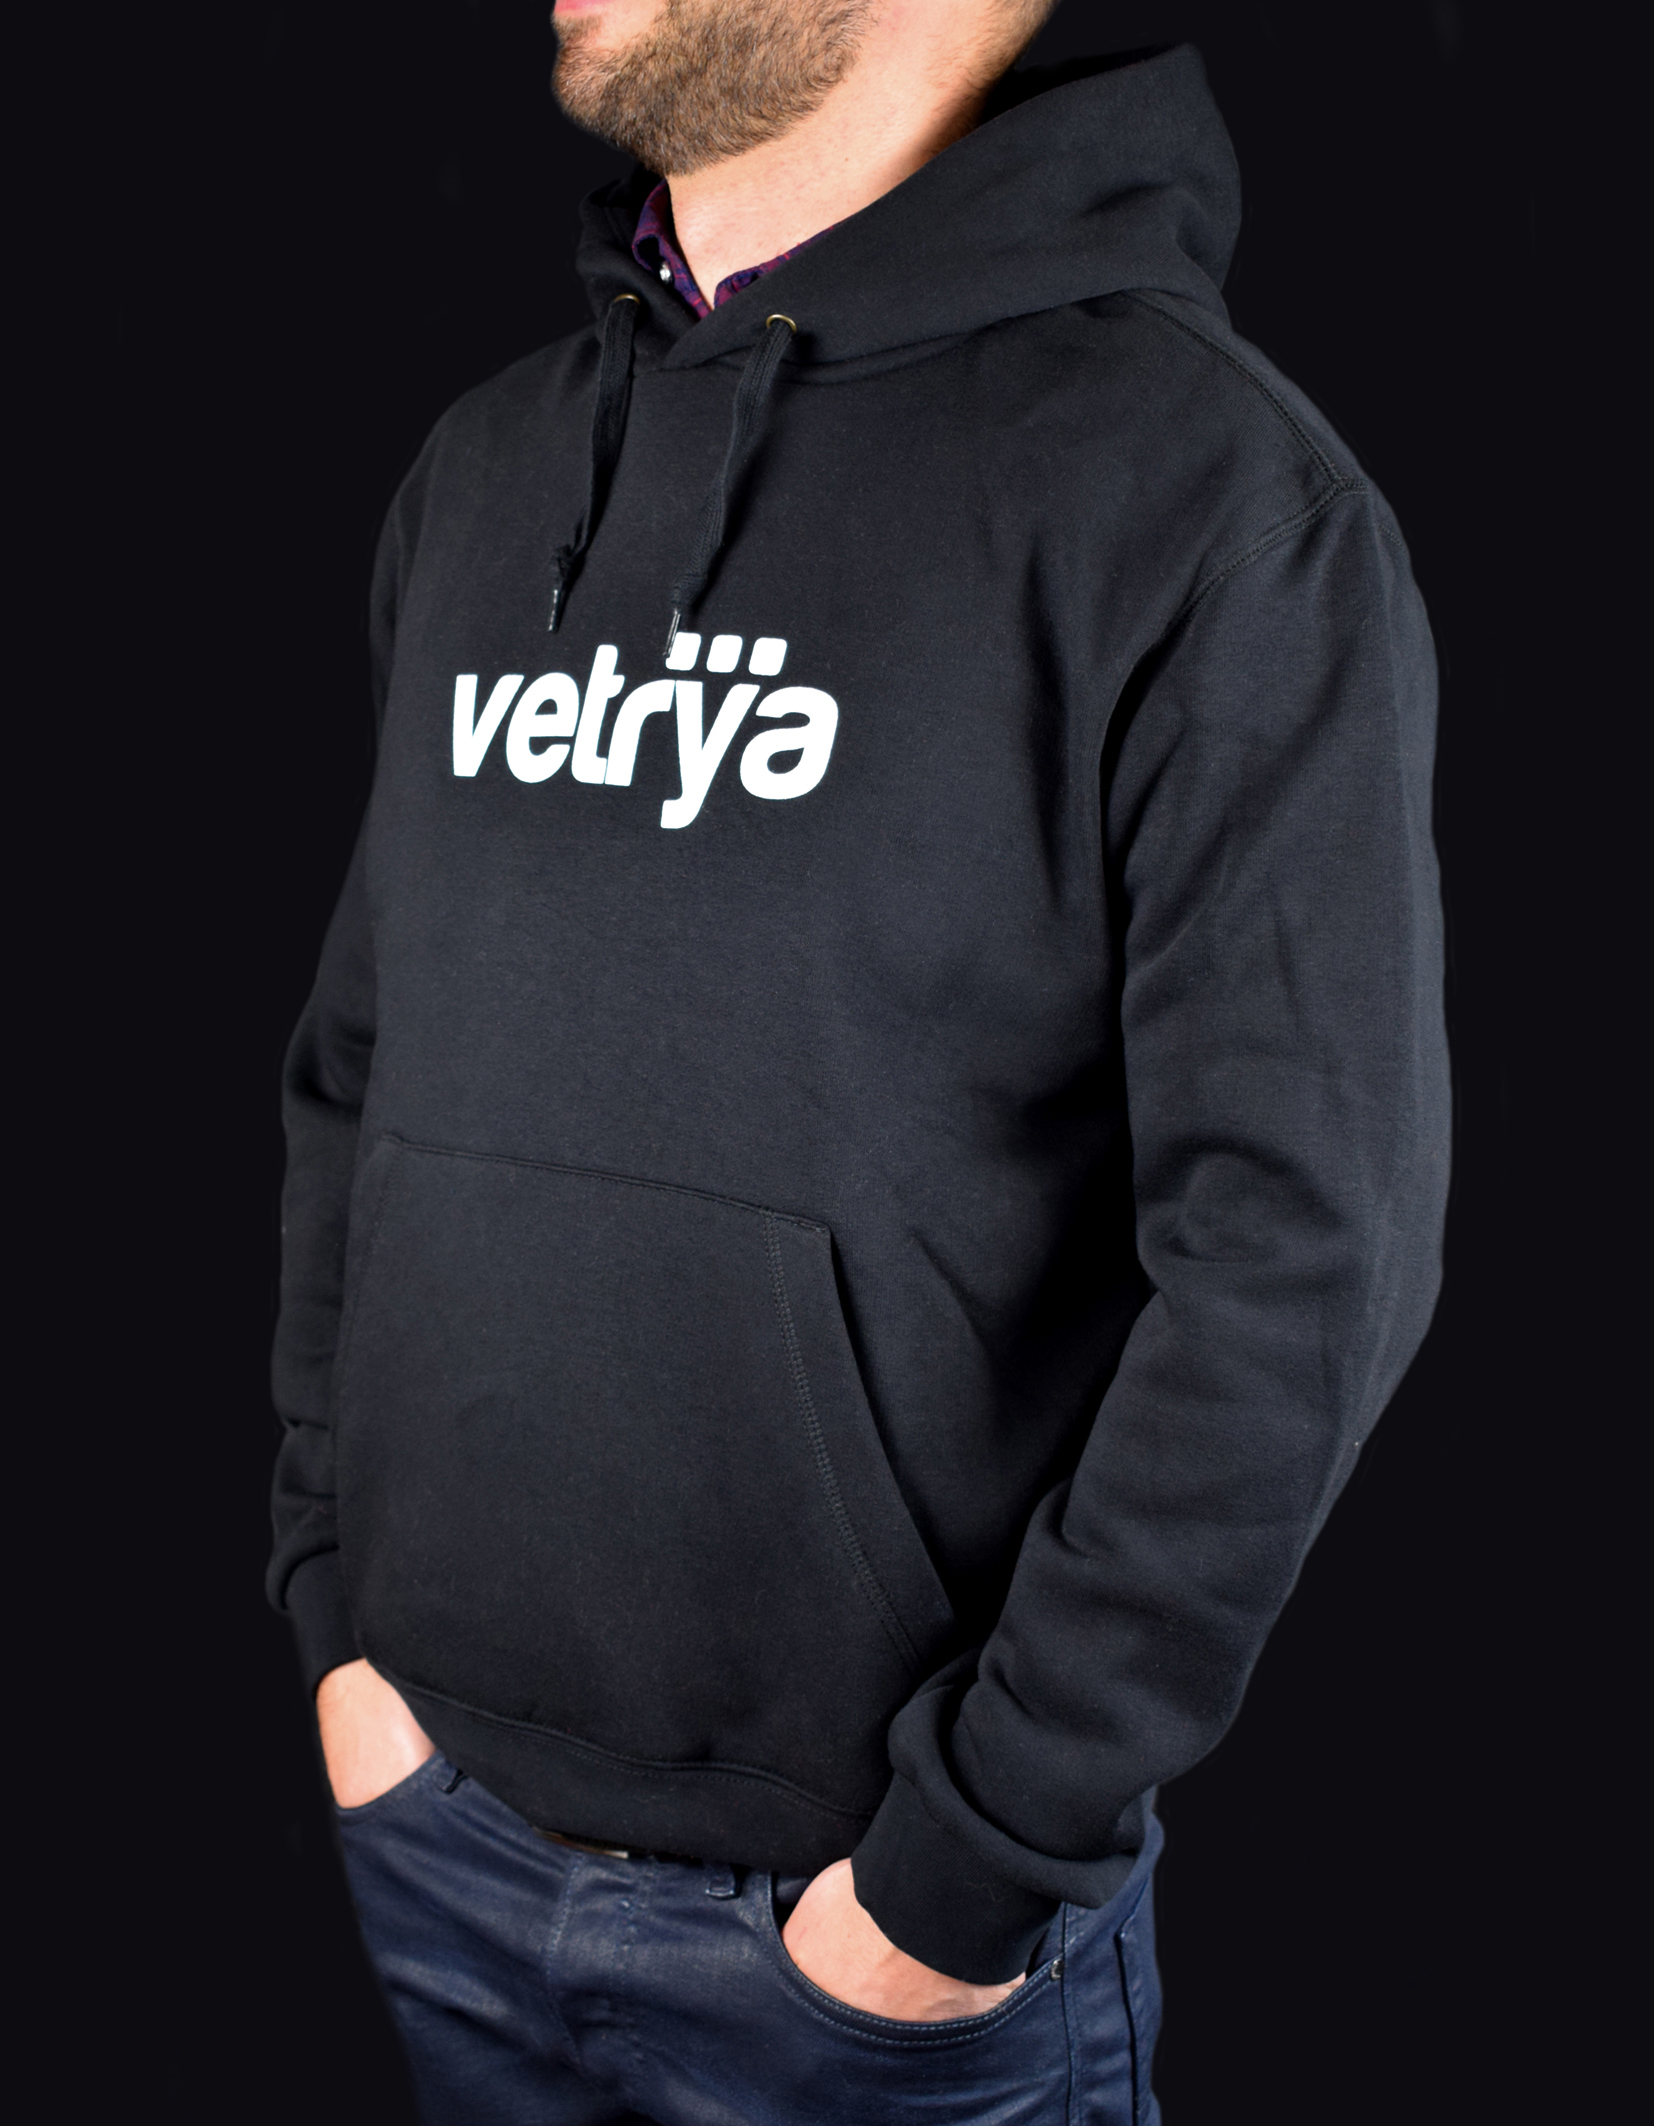 Felpa nera logo Vetrya